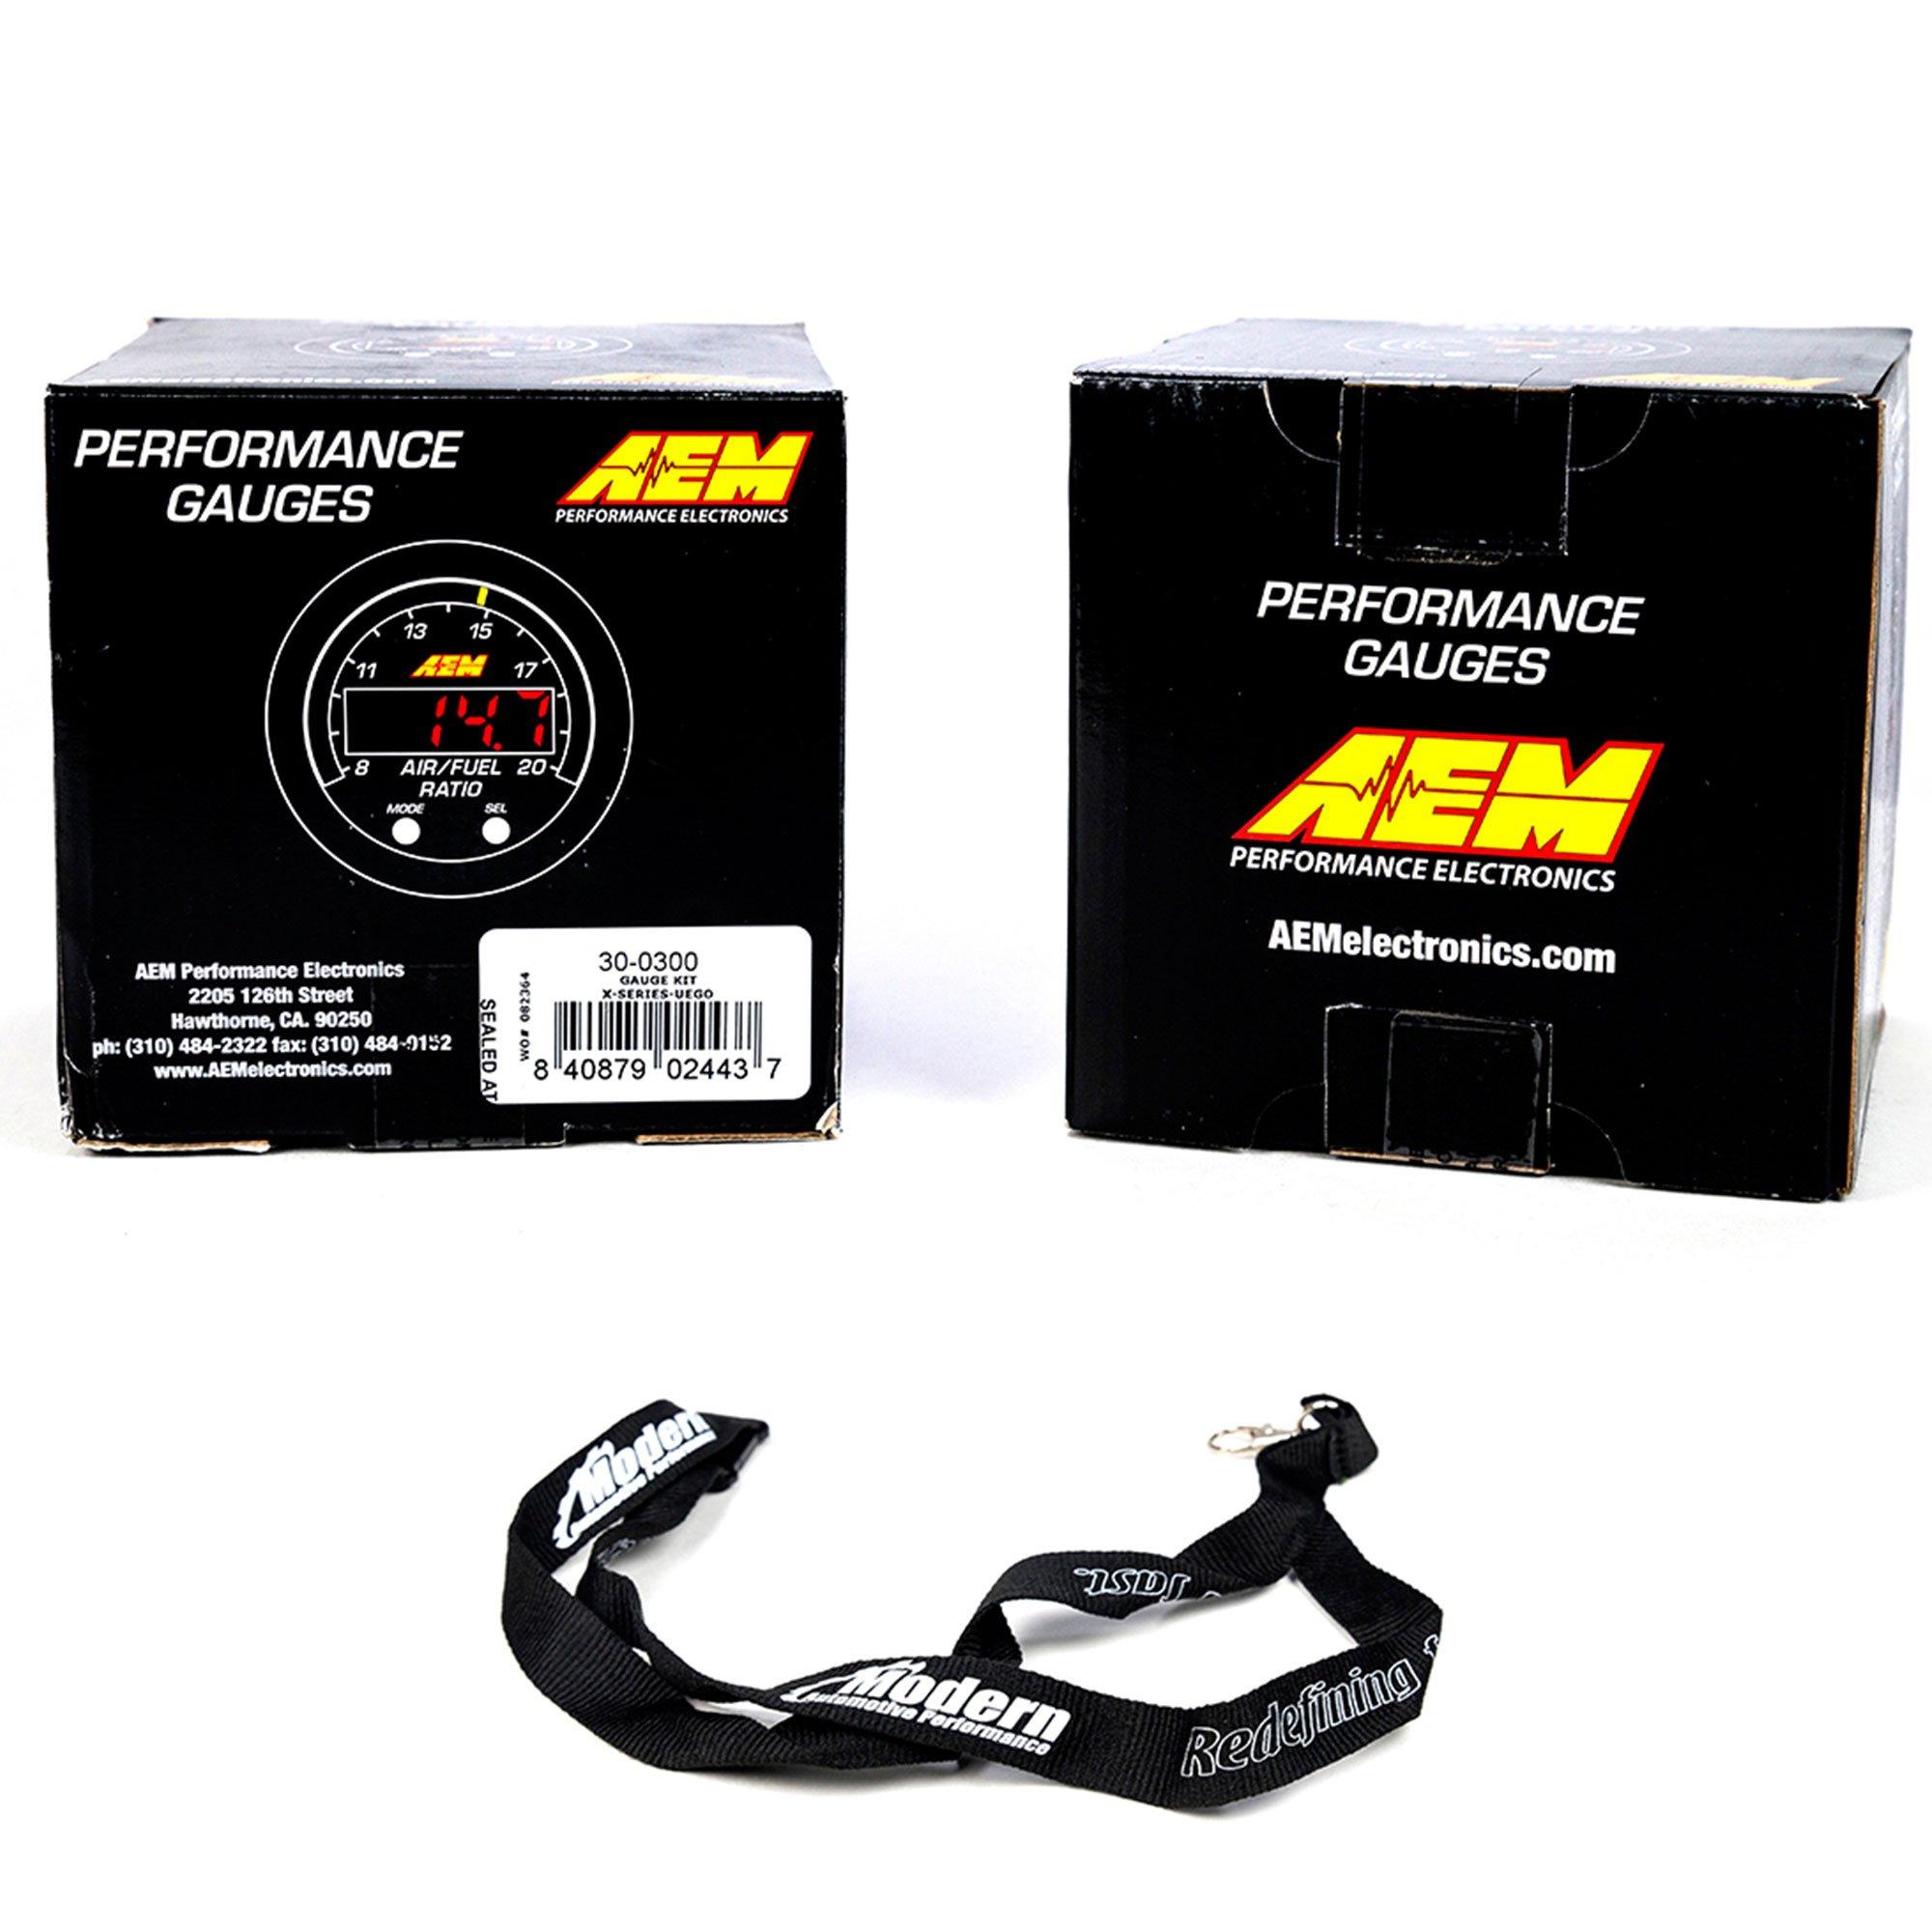 AEM 52mm X-Series Gauge Kit Wideband Air/Fuel UEGO & 8-18 Voltmeter Black w/MAP Lanyard Black